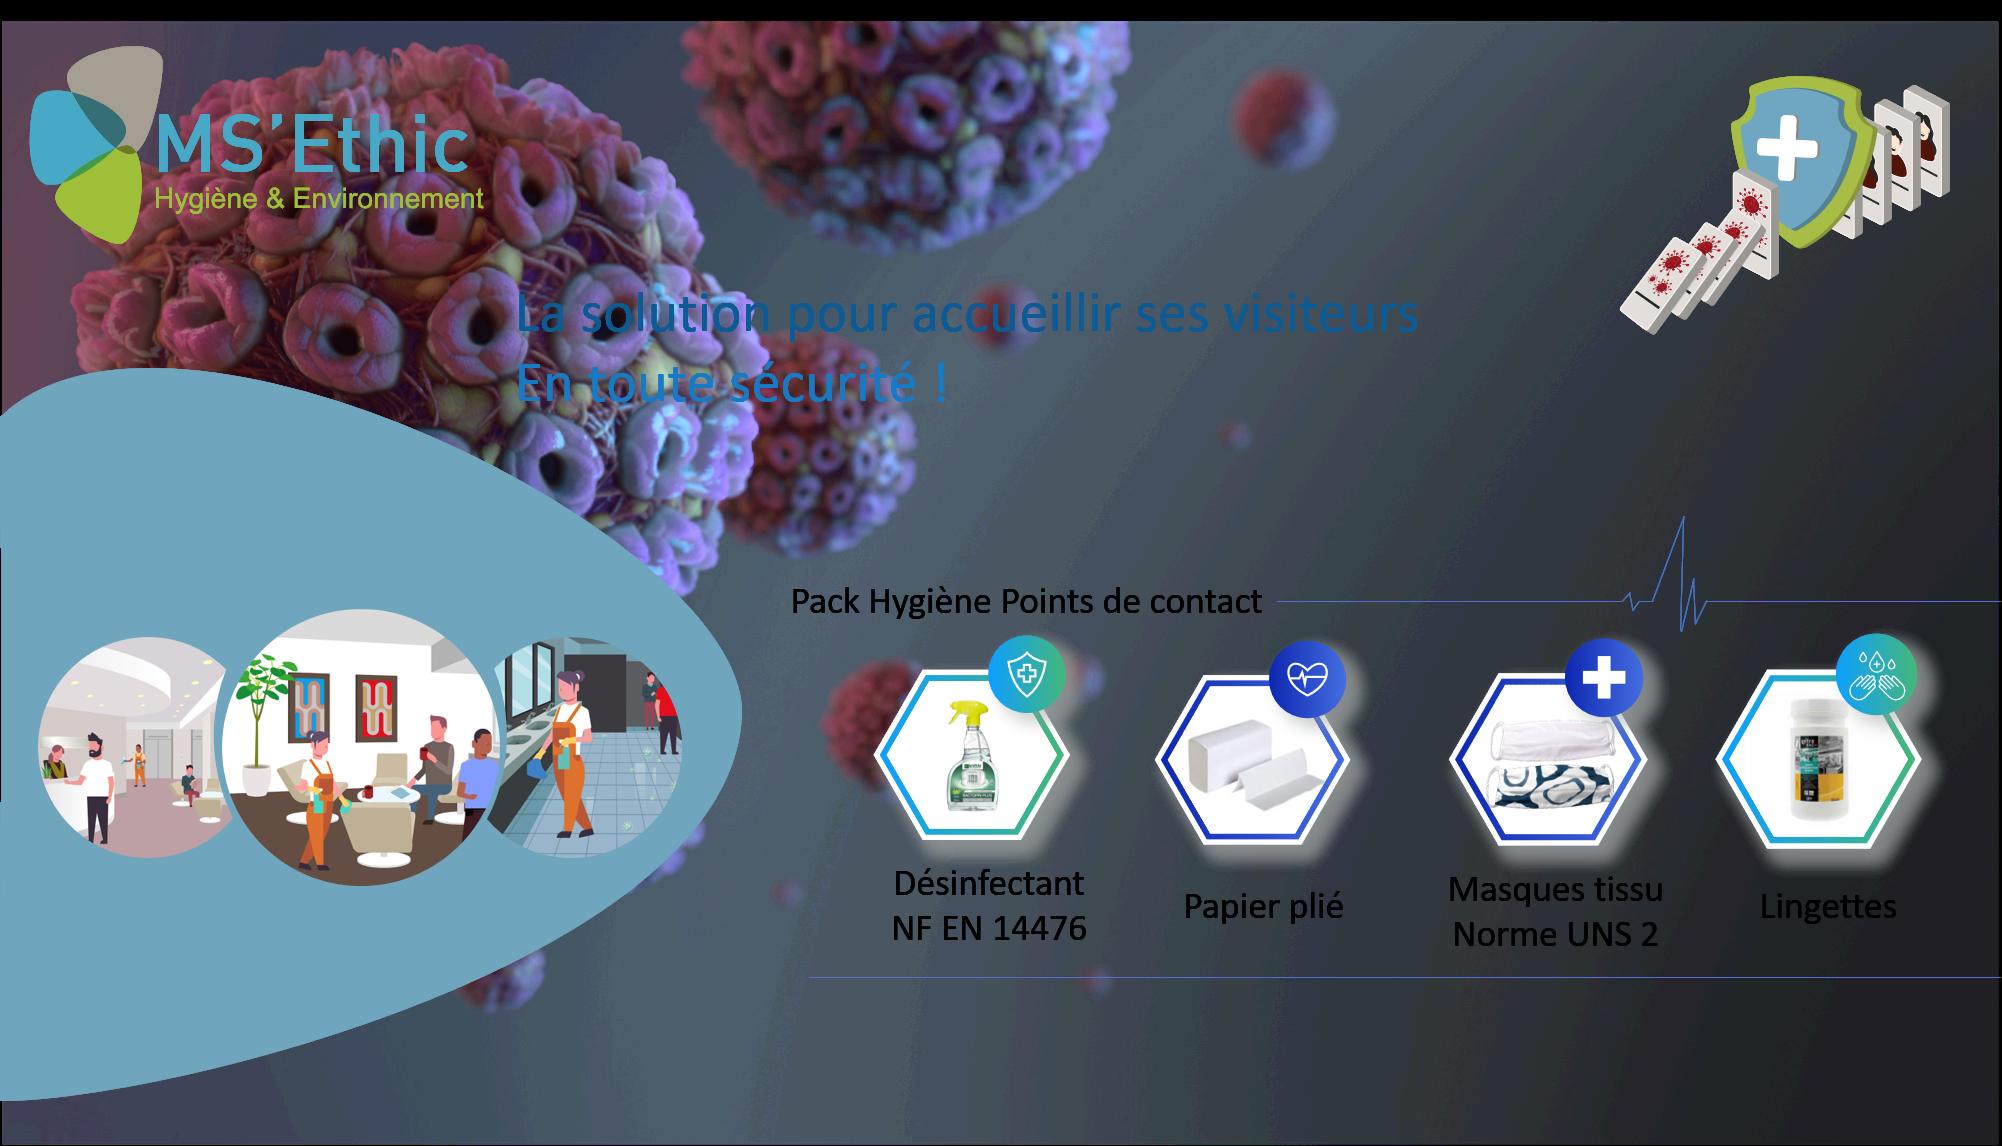 Pack Hygiène Points de Contact : la solution pour accueillir ses visiteurs en toute sécurité !